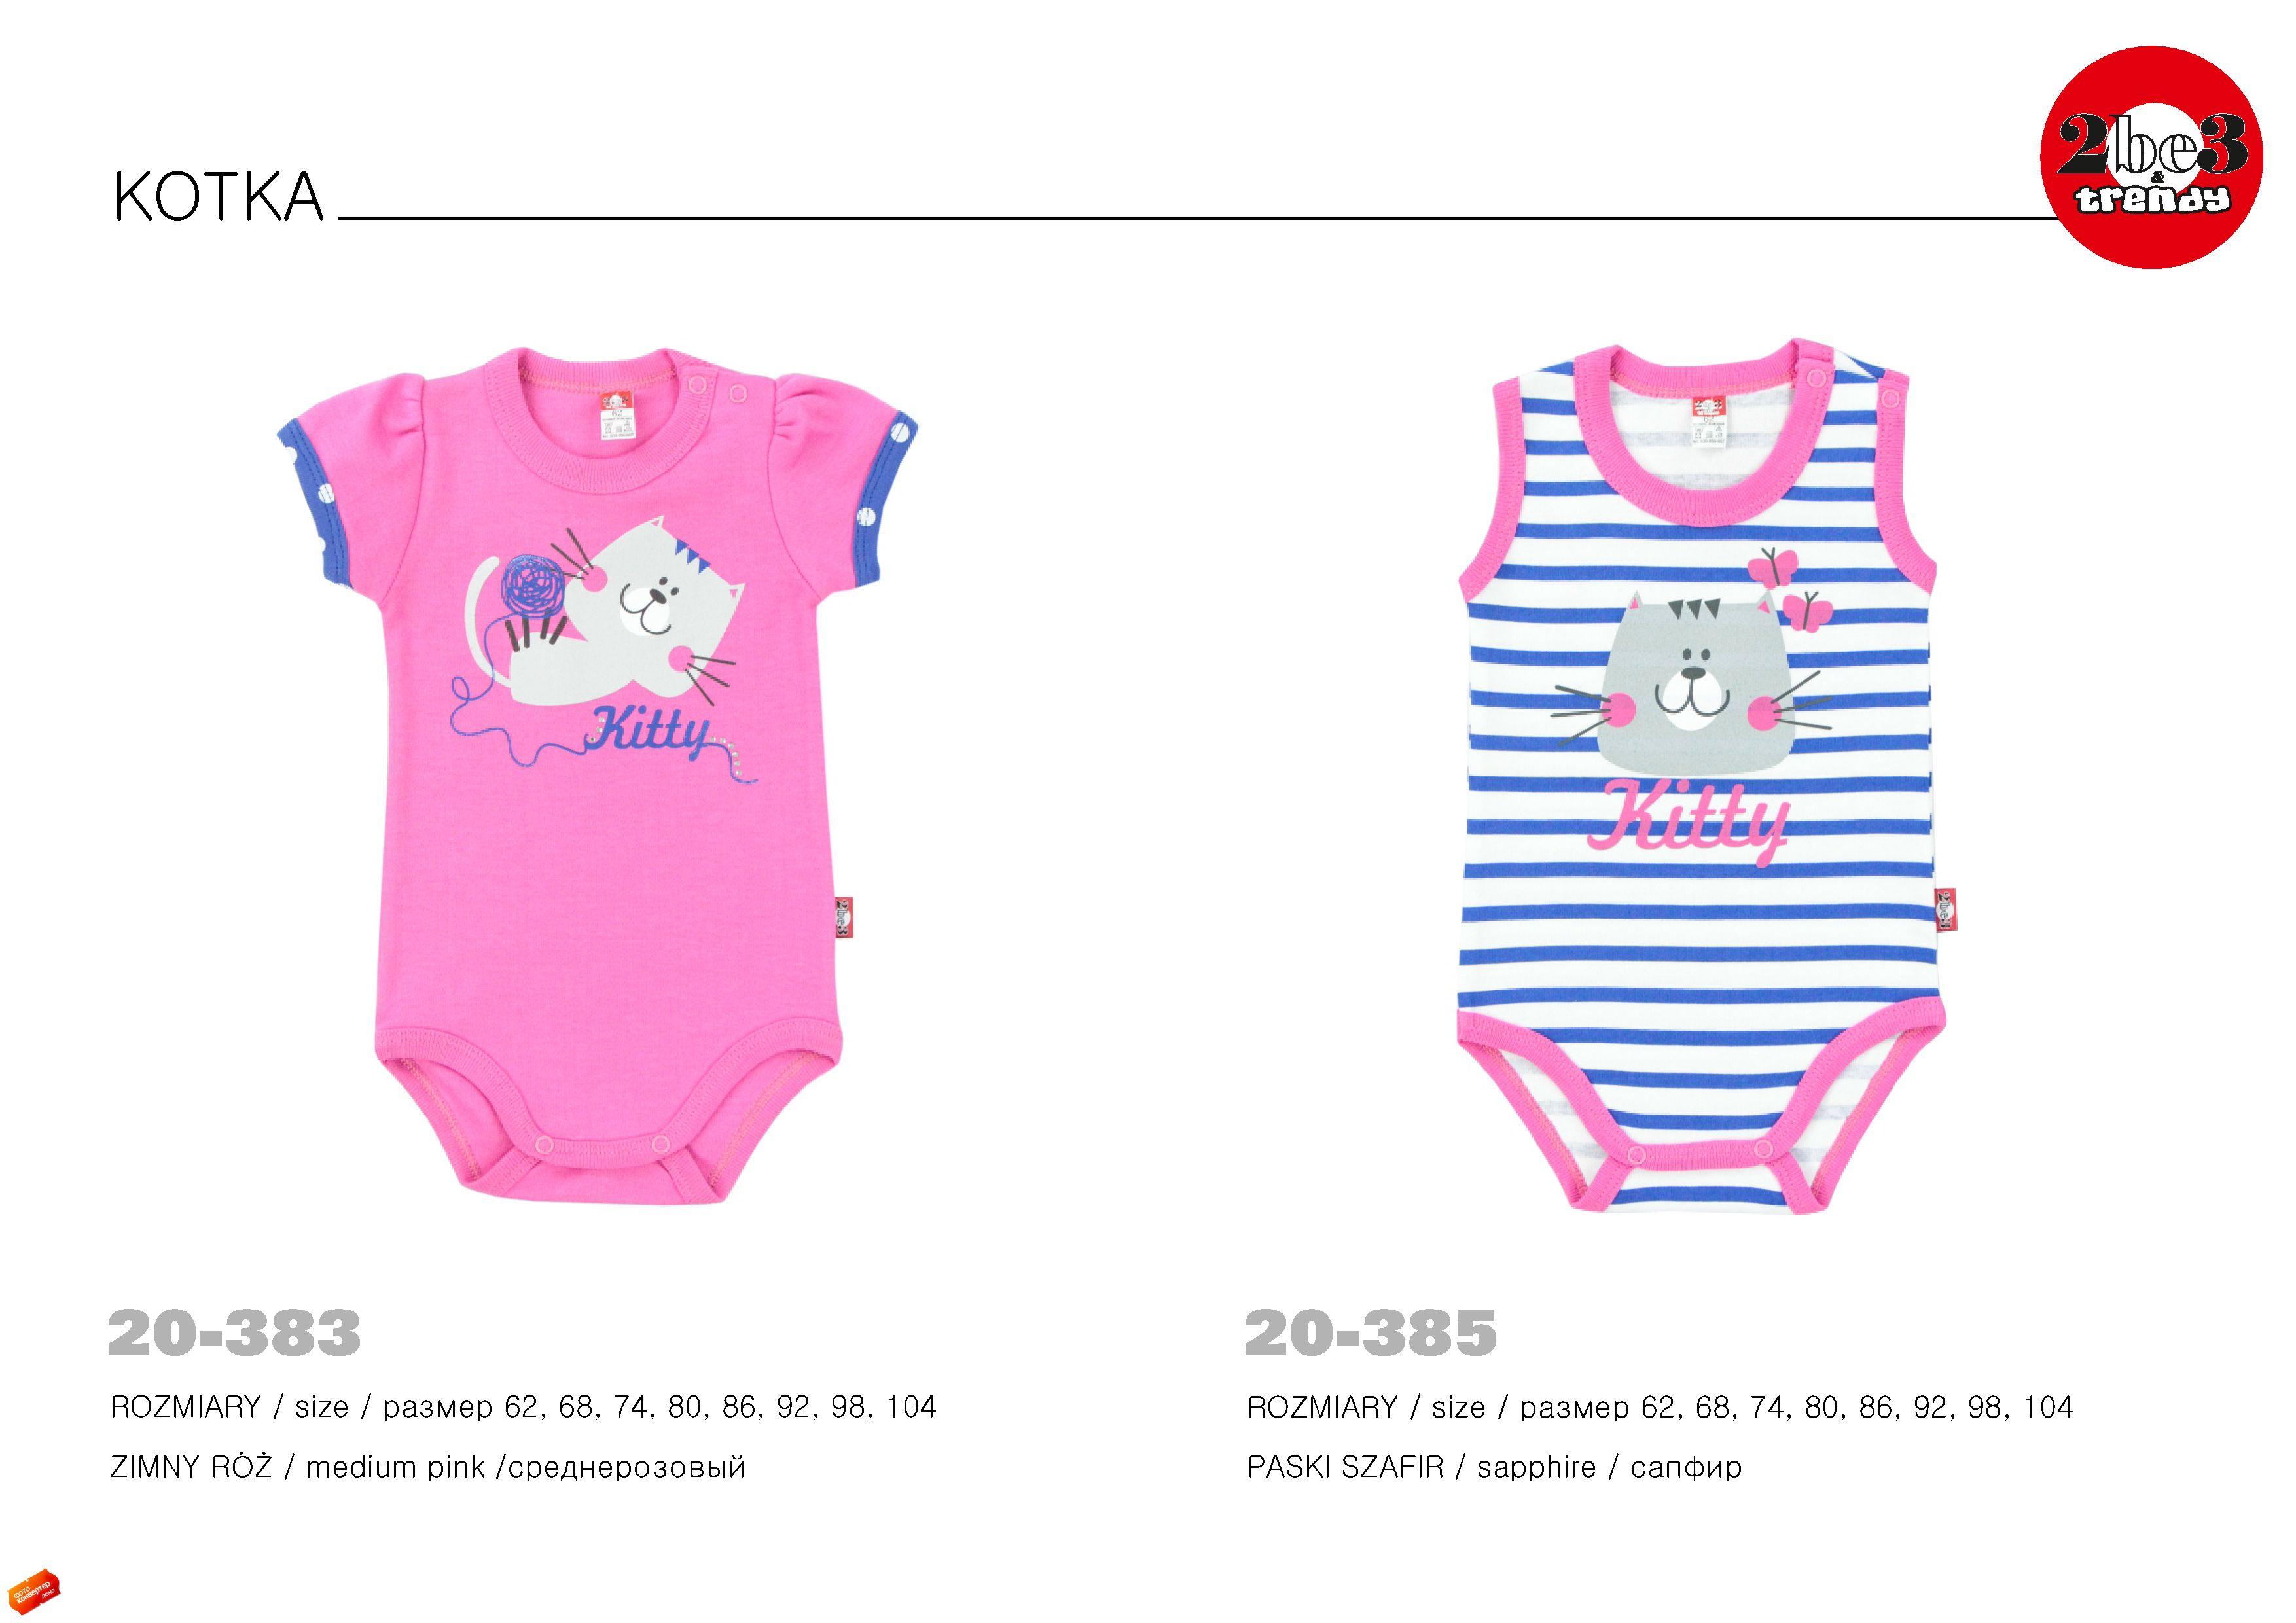 Сбор заказов.2be3trendy.одежда для малышей от 0 до 104.без рядов.постоплата 17%